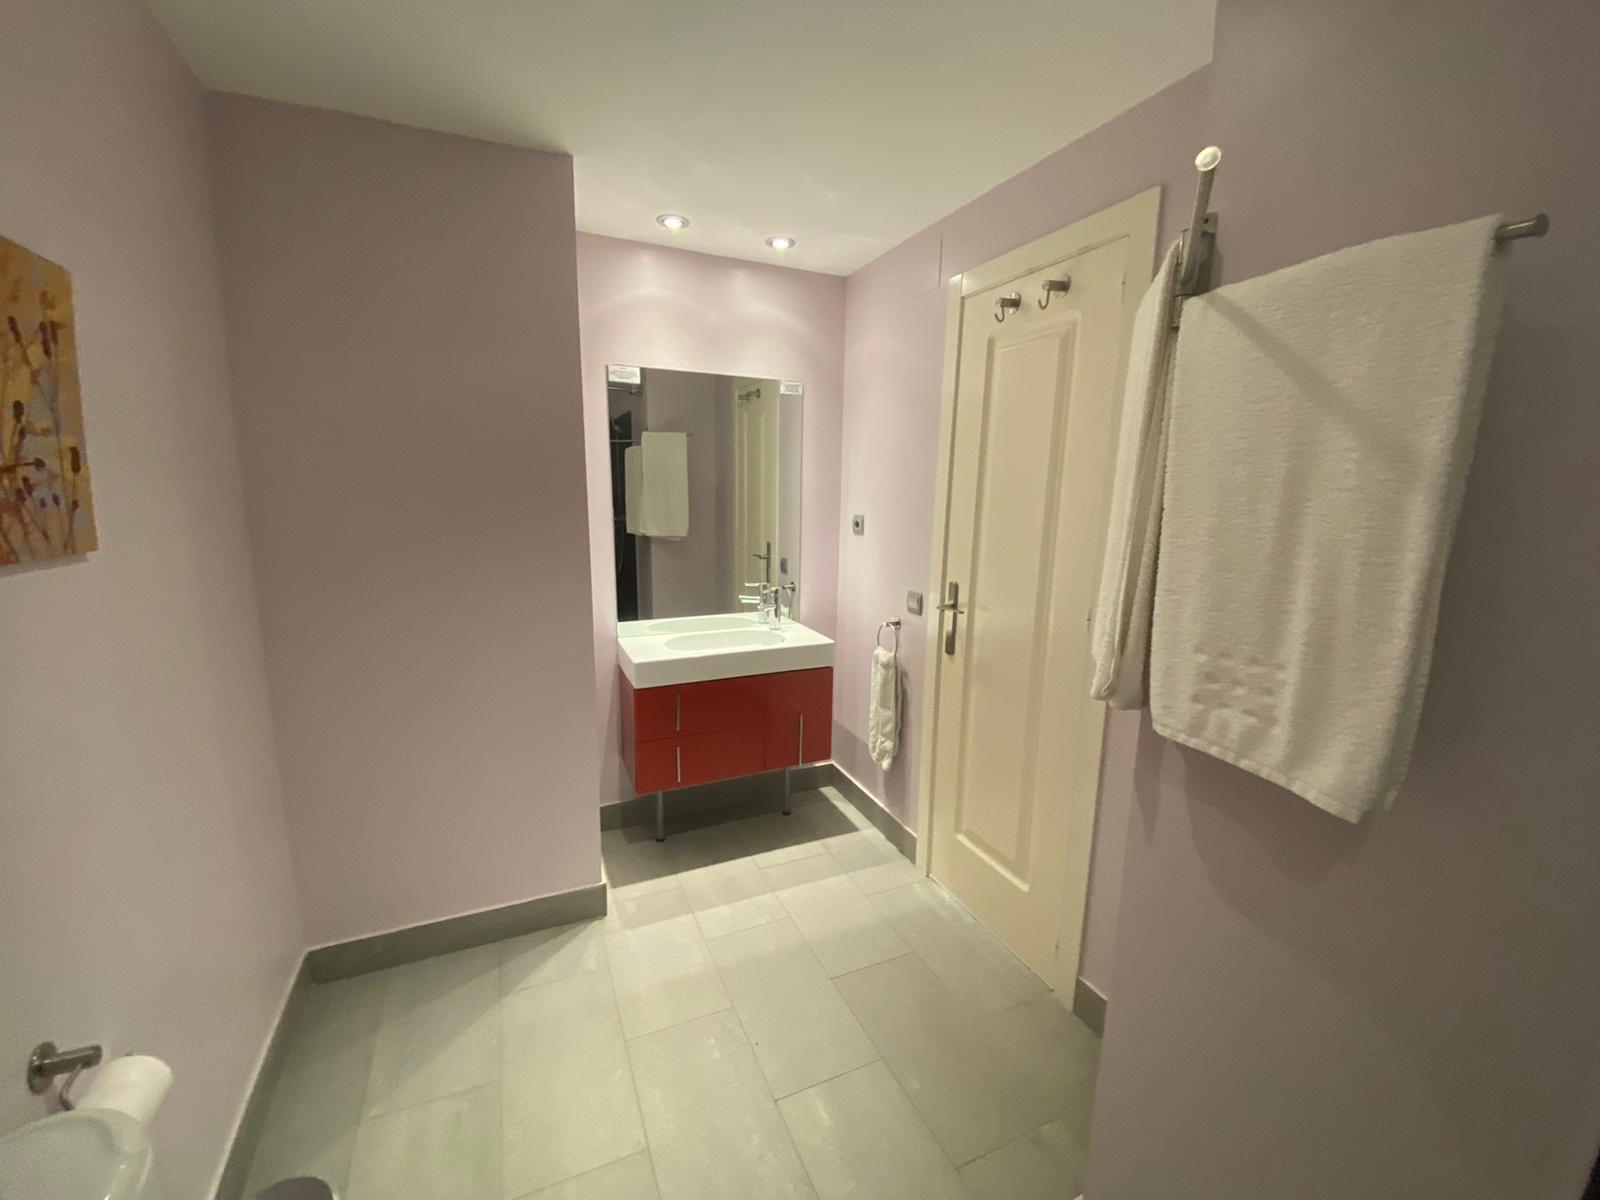 Imagen 25 del Apartamento Turístico, Ático 7 Levante (3d +2b), Punta del Moral (HUELVA), Paseo de la Cruz nº22